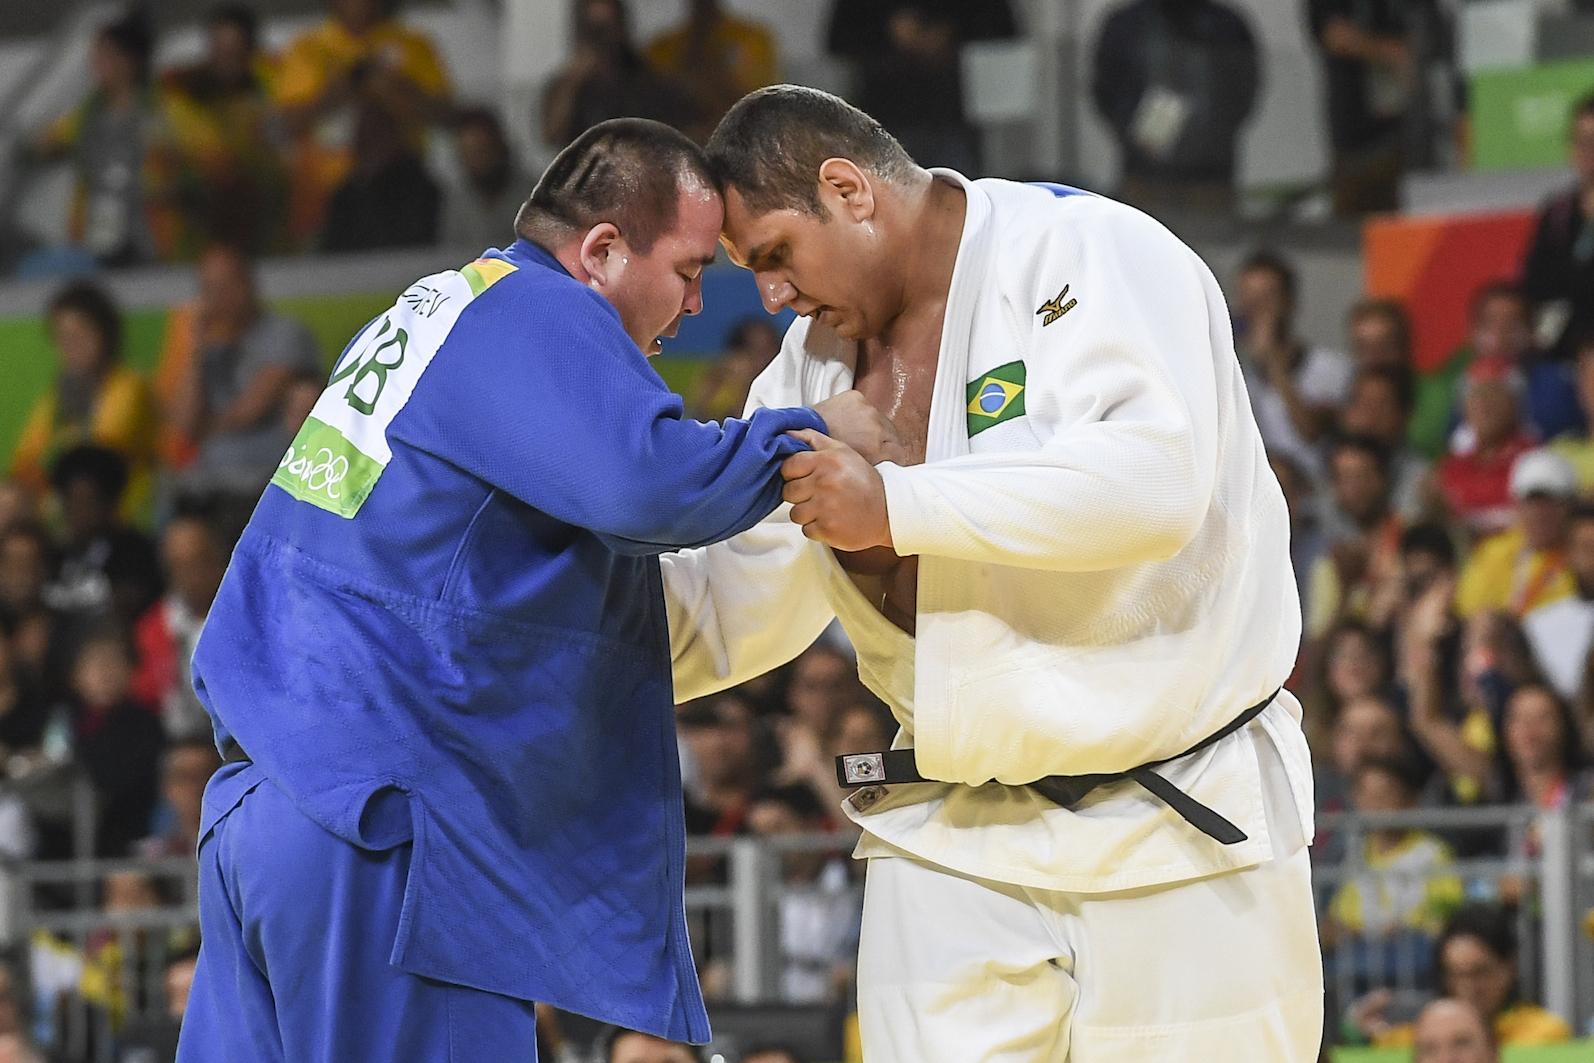 831c2735db Medalhistas olímpicos e mundiais disputam Grand Prix Nacional de ...